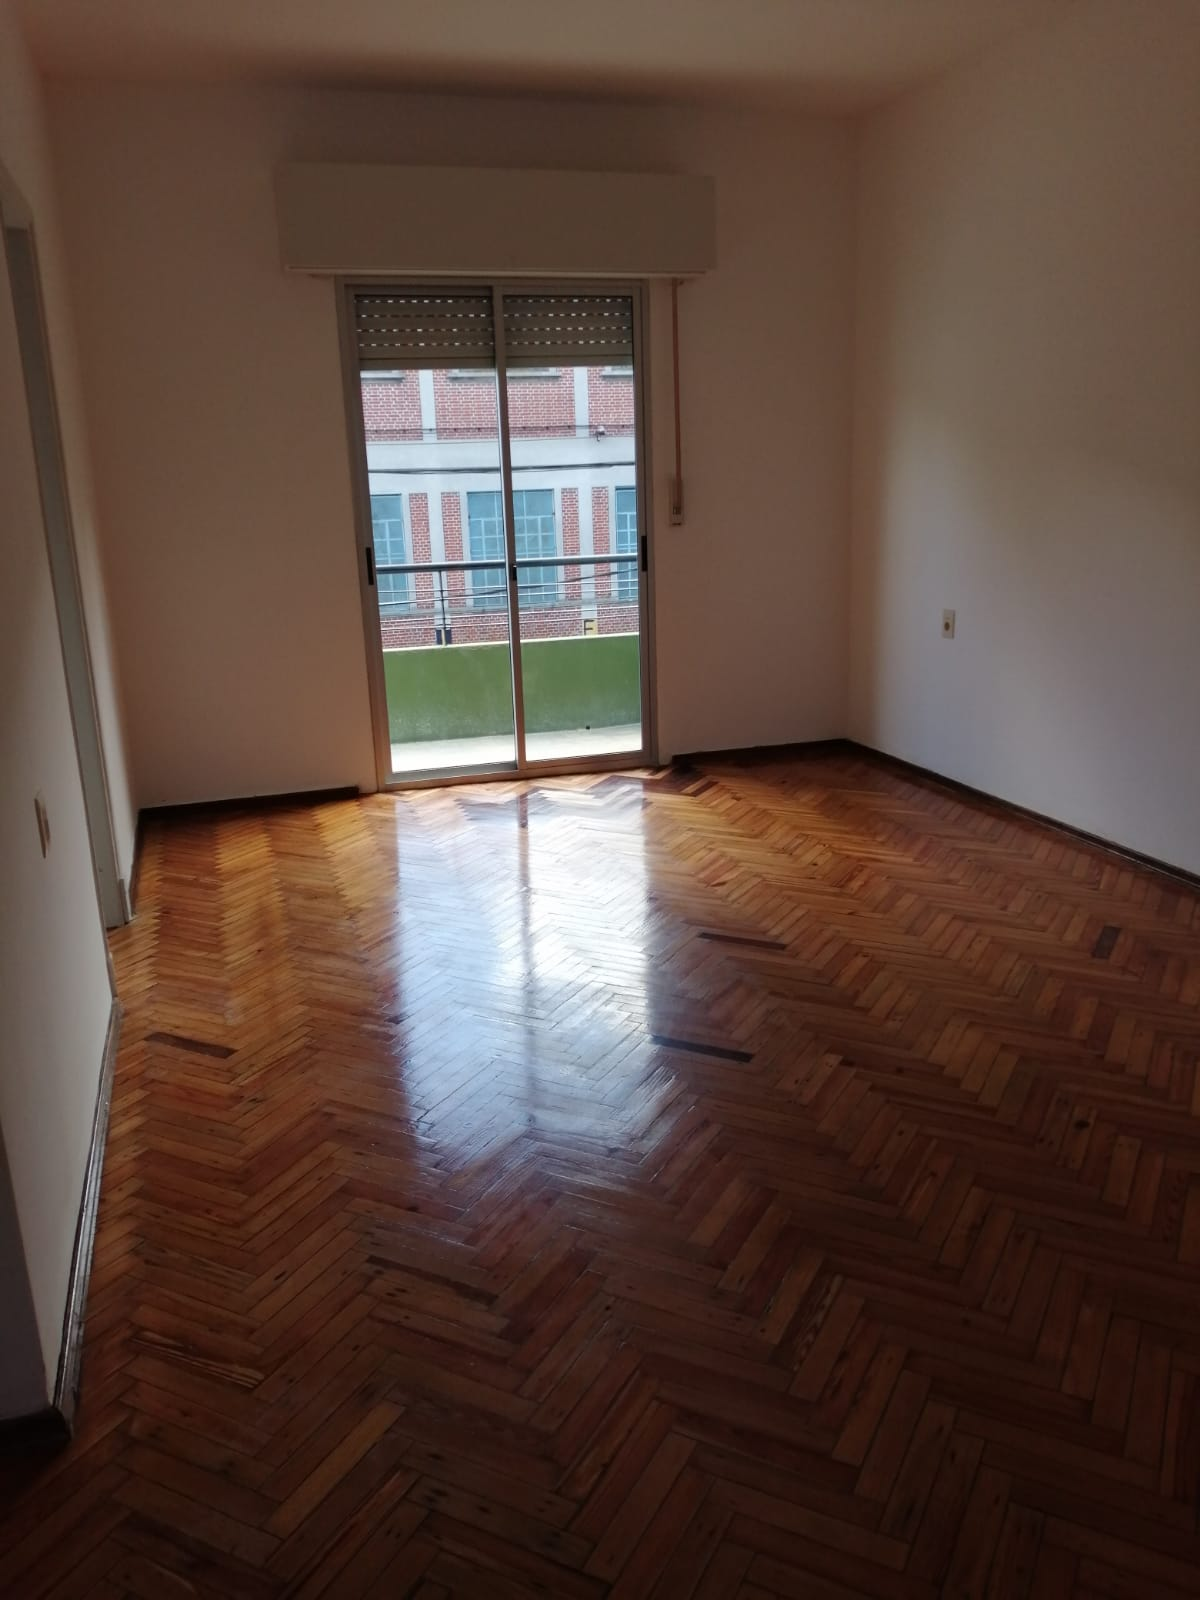 Alquiler apartamento dos dormitorios, Maroñas